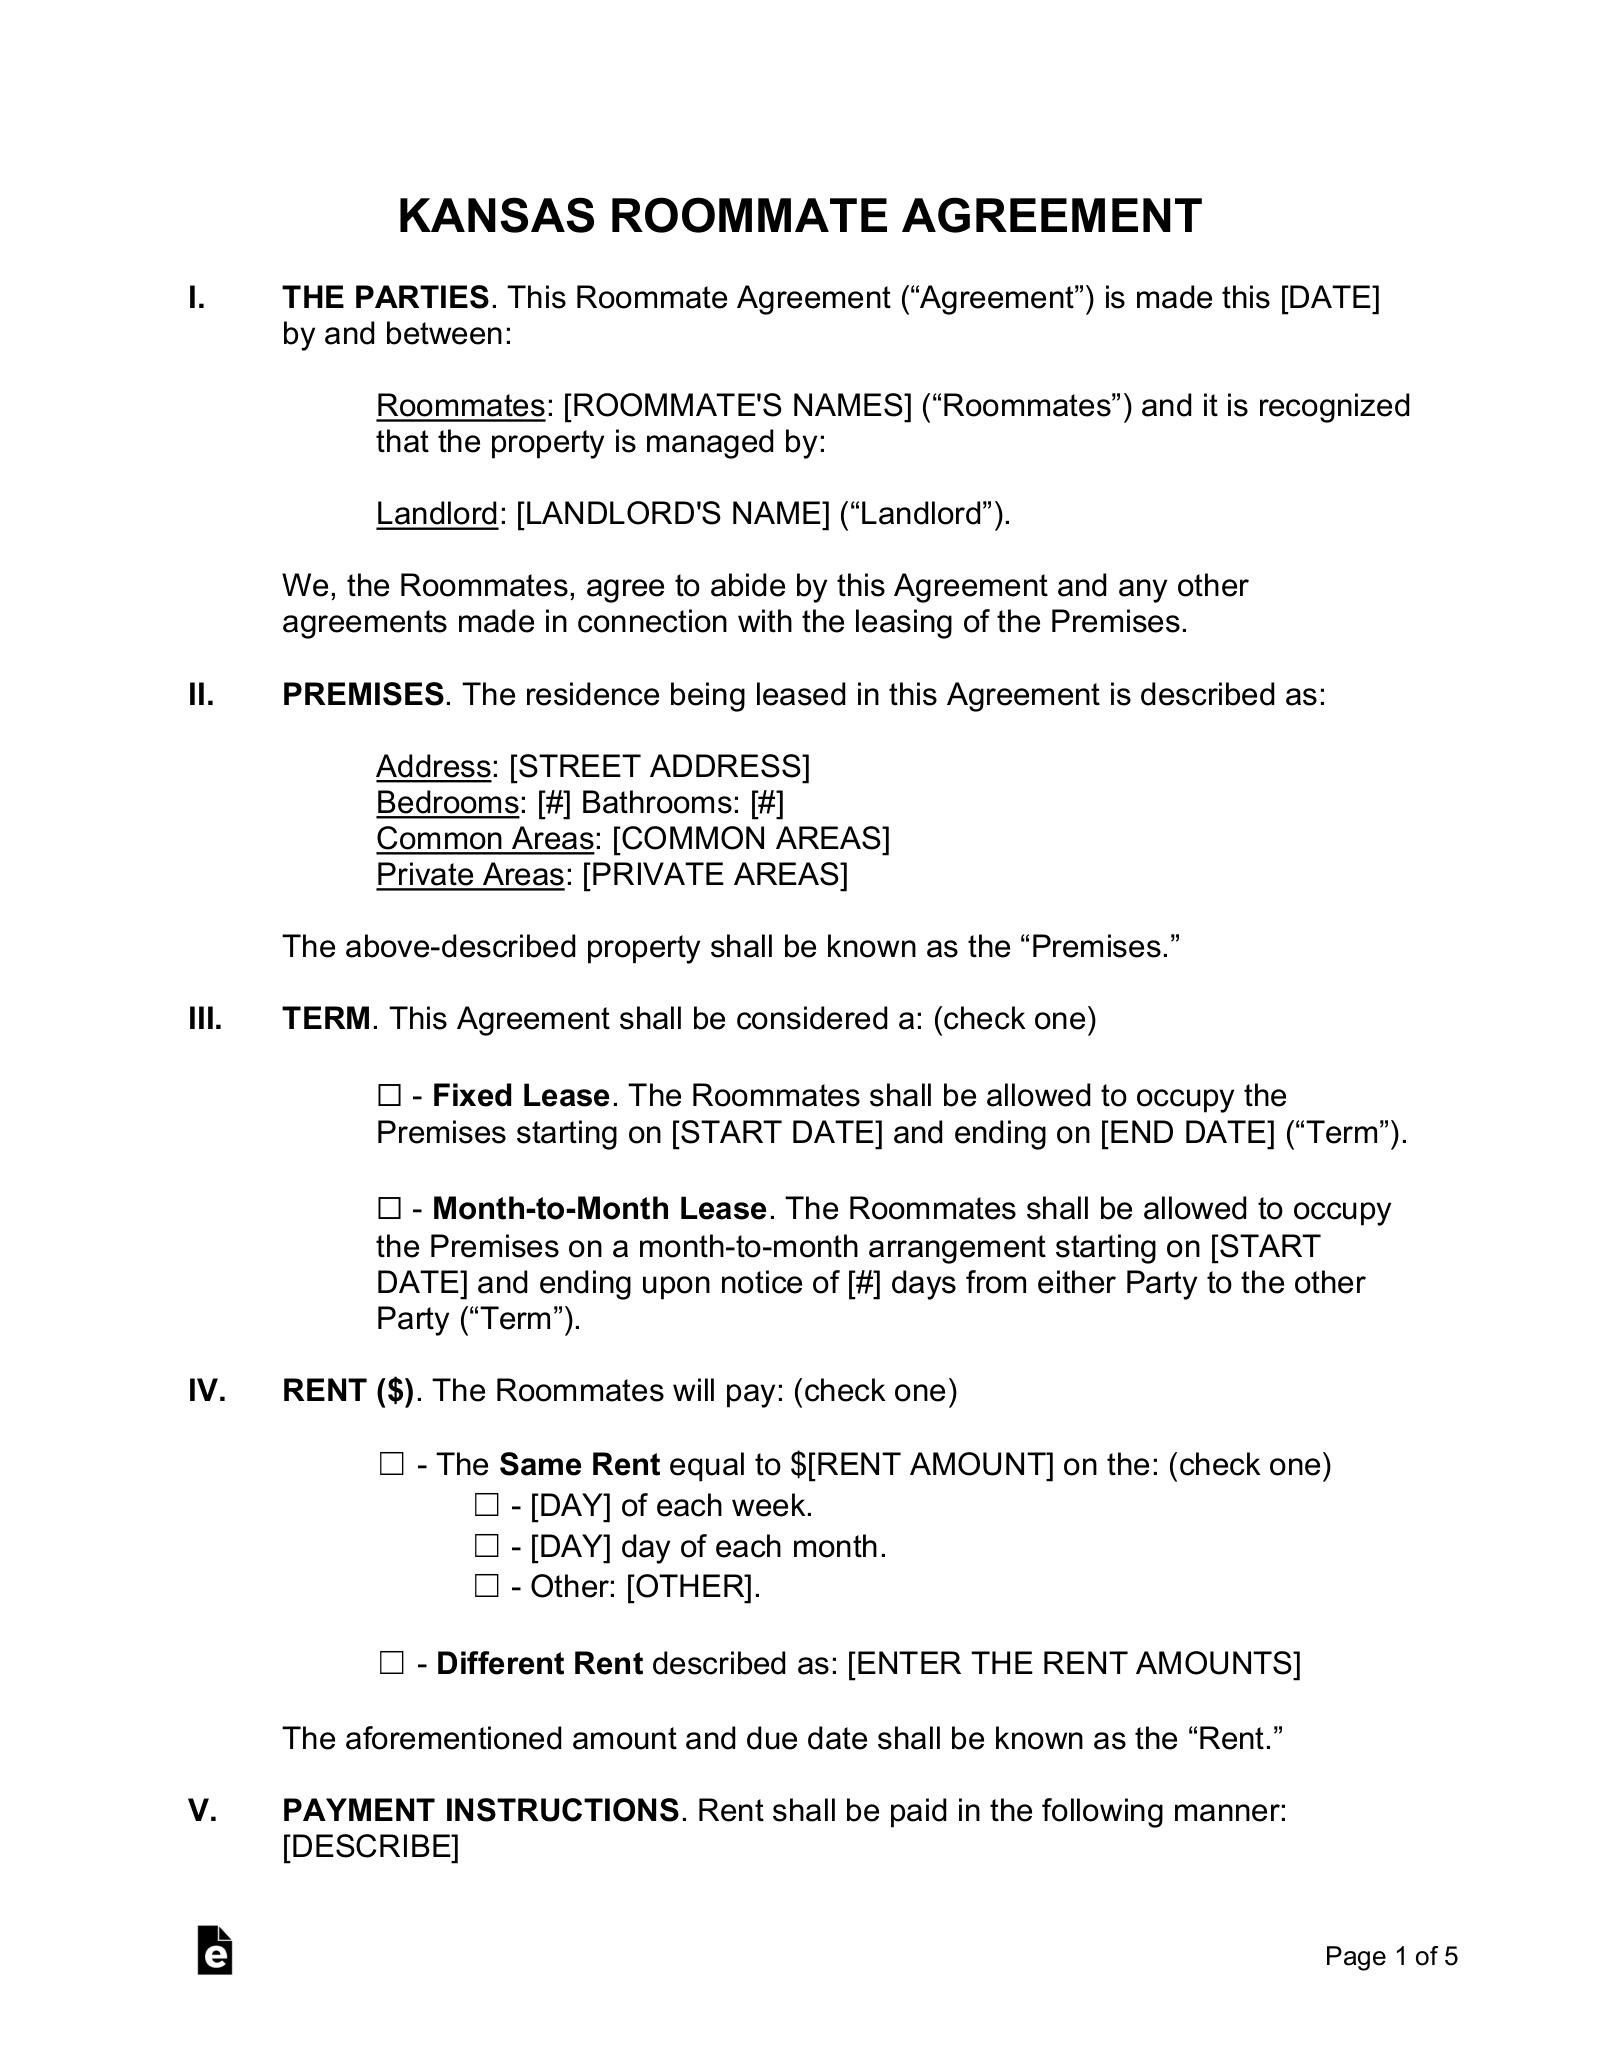 Free Kansas Room Rental Roommate Agreement Form Word